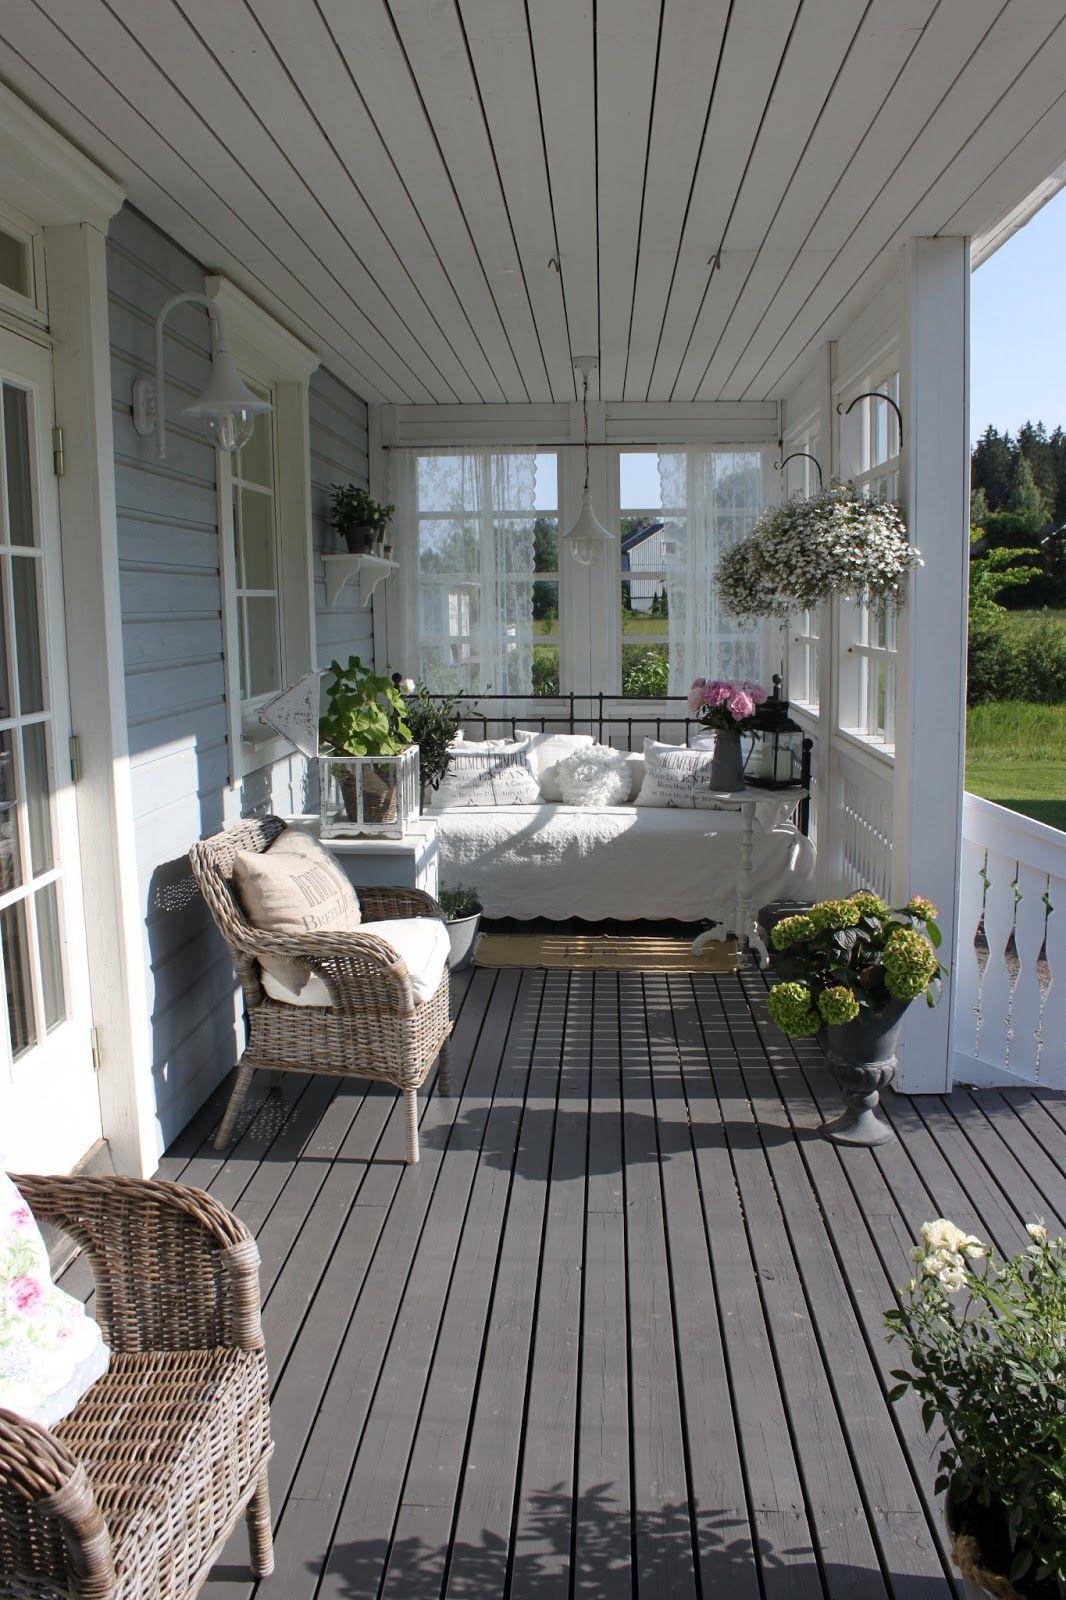 Best Pin By Saffron Bond On Front Verandah Porch Decorating 400 x 300